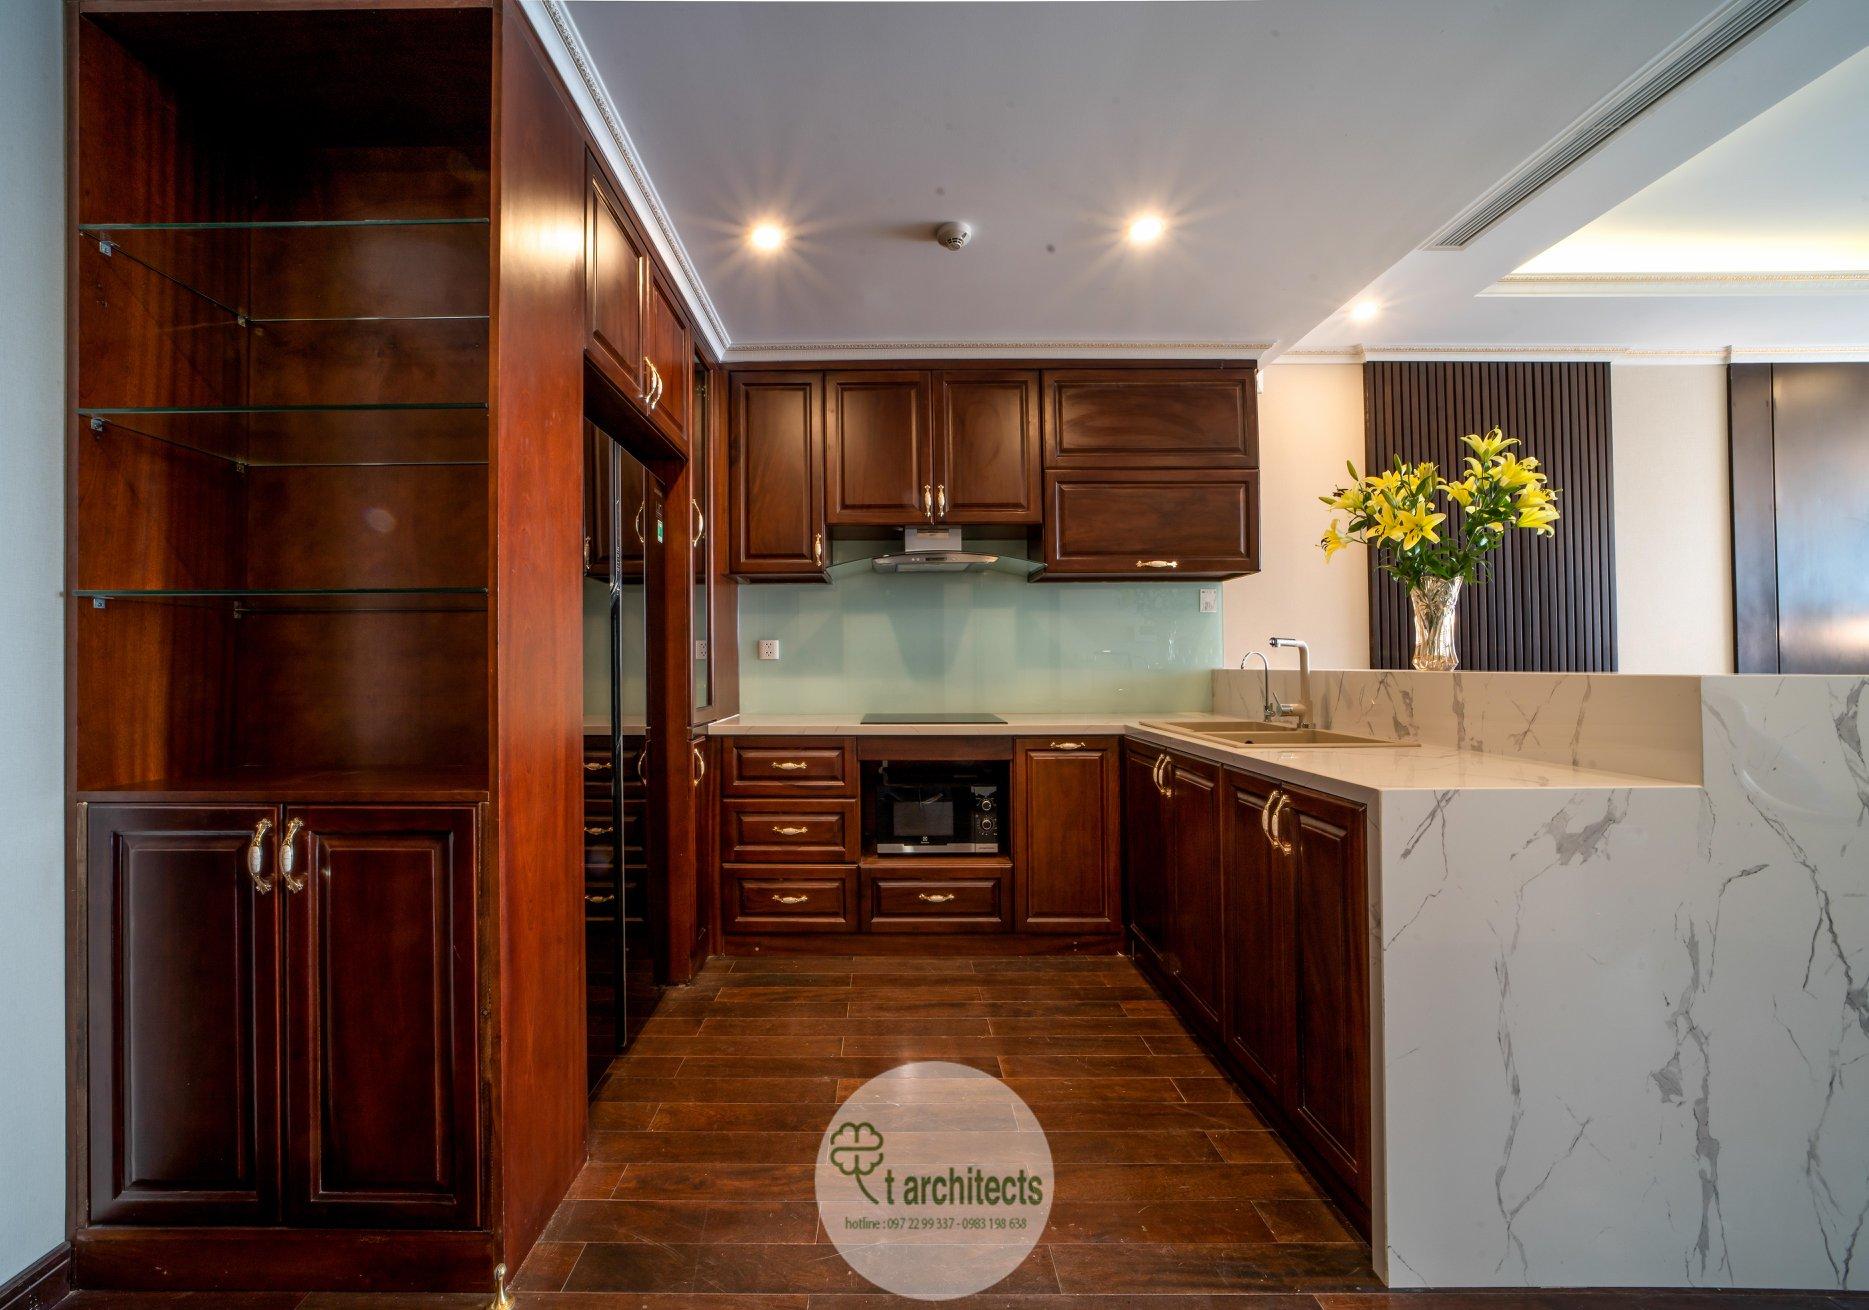 Thiết kế nội thất Chung Cư tại Hà Nội Thiết kế 6 căn hộ mẫu chung cư HC GOLDEN CITY 1589766602 35